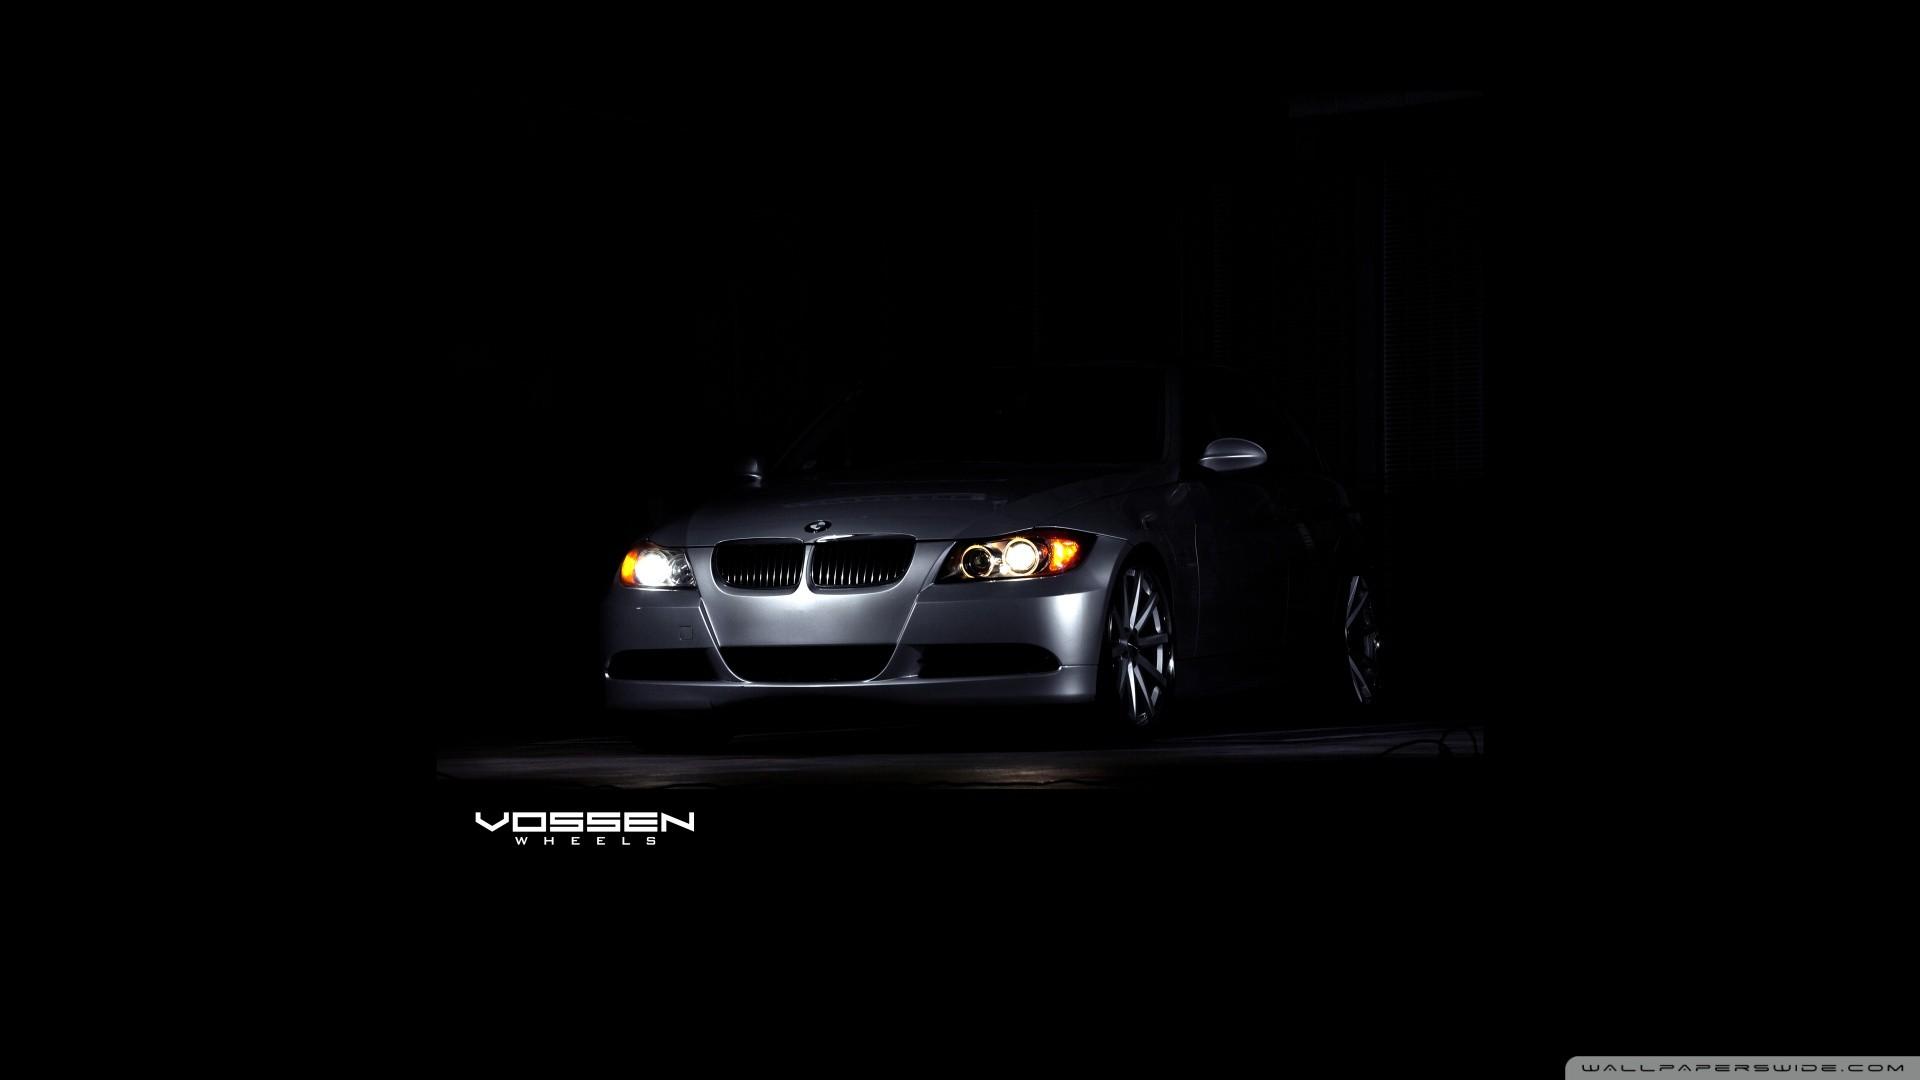 BMW CV1 Teaser HD desktop wallpaper : Widescreen : High .